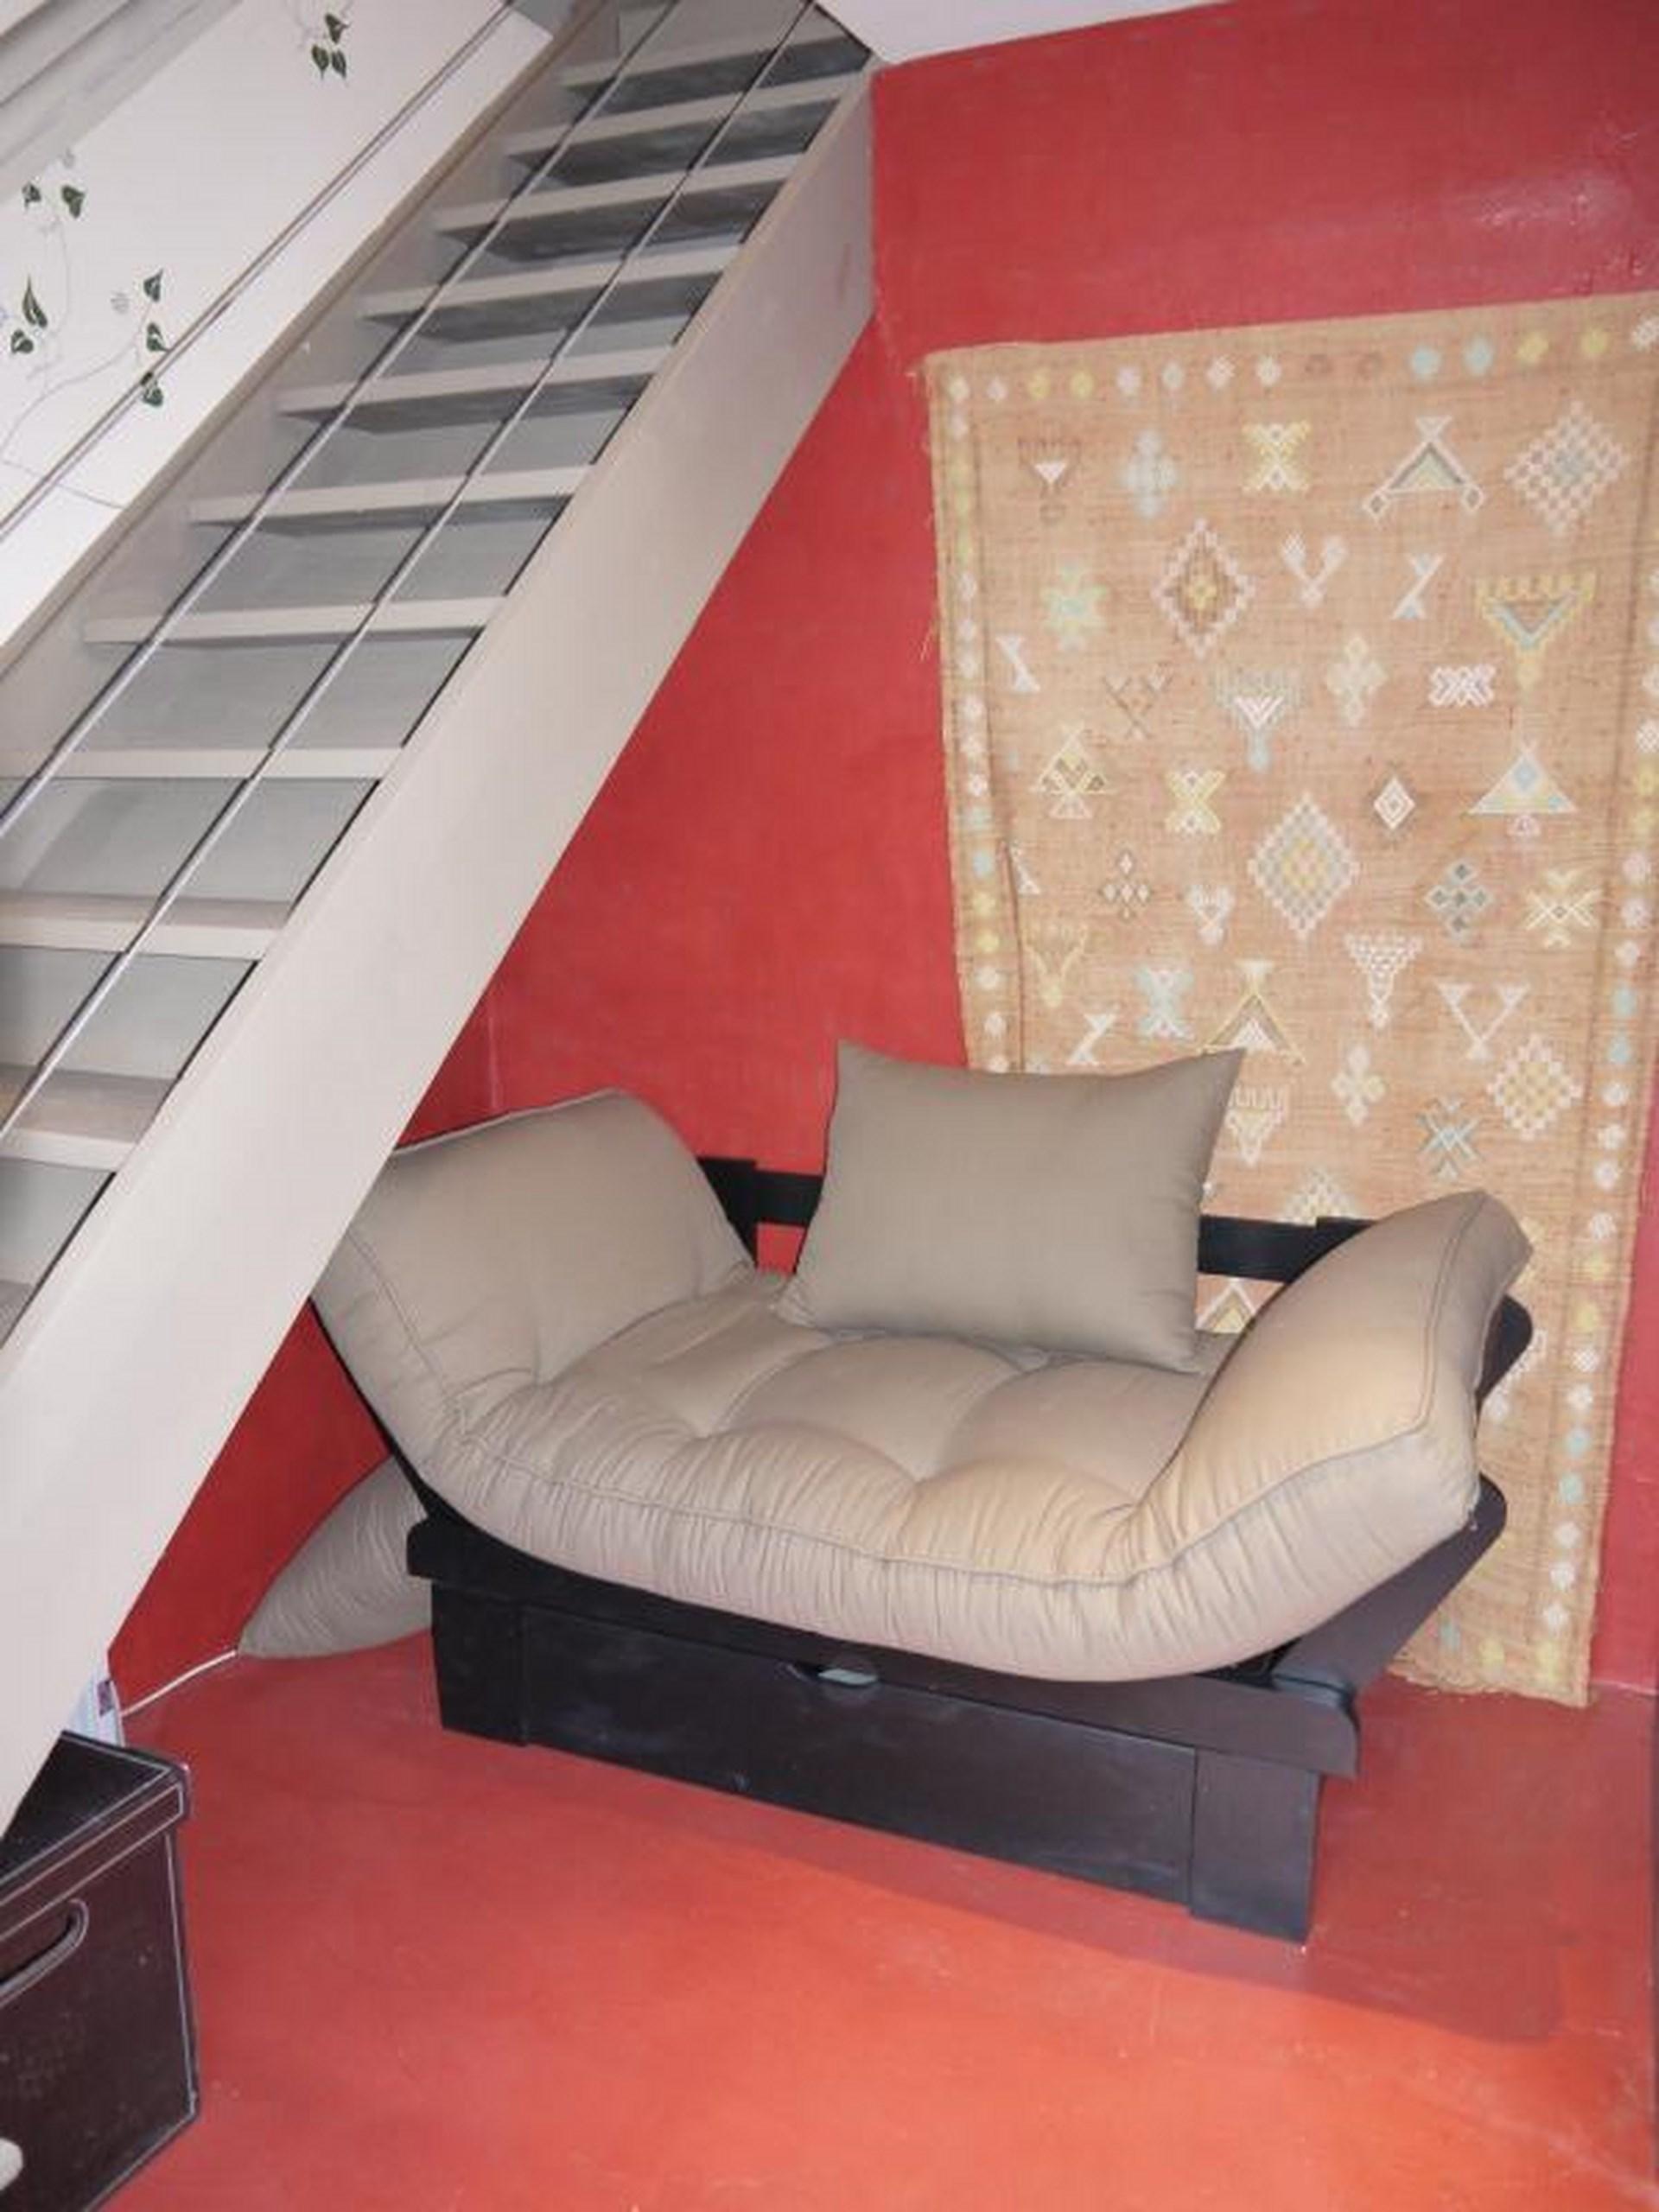 Chambres-d-hotes-bed-and-breakfast-corte-haute-corse-room-4-duplex-private